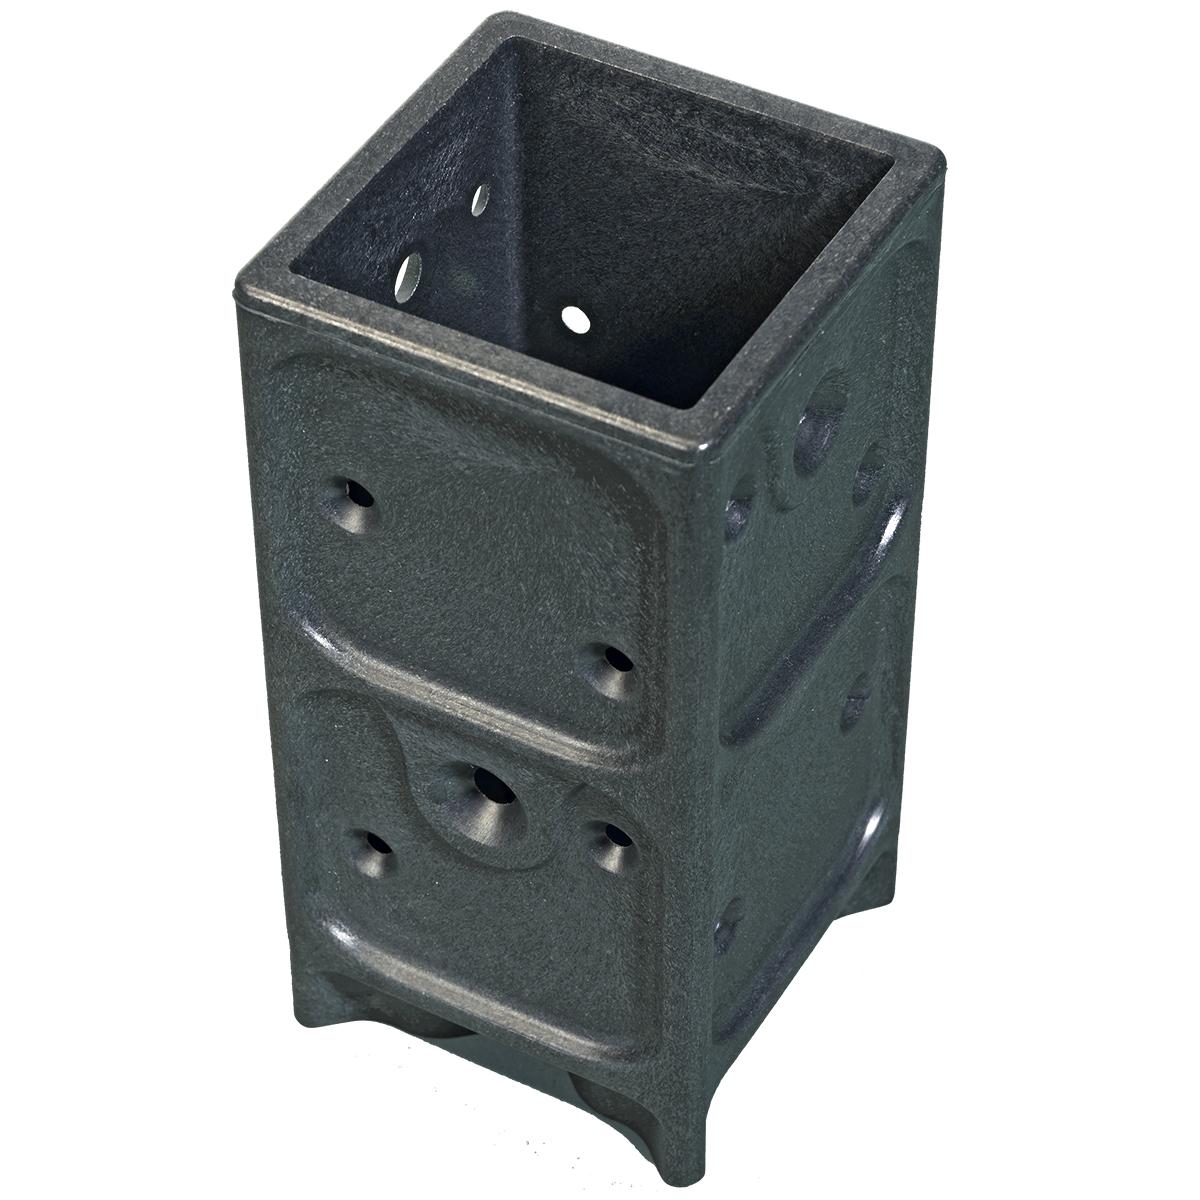 1 Stk Aufschraubhülse für Holzpfosten 7x7cm Pfostenanker Pfostenanker